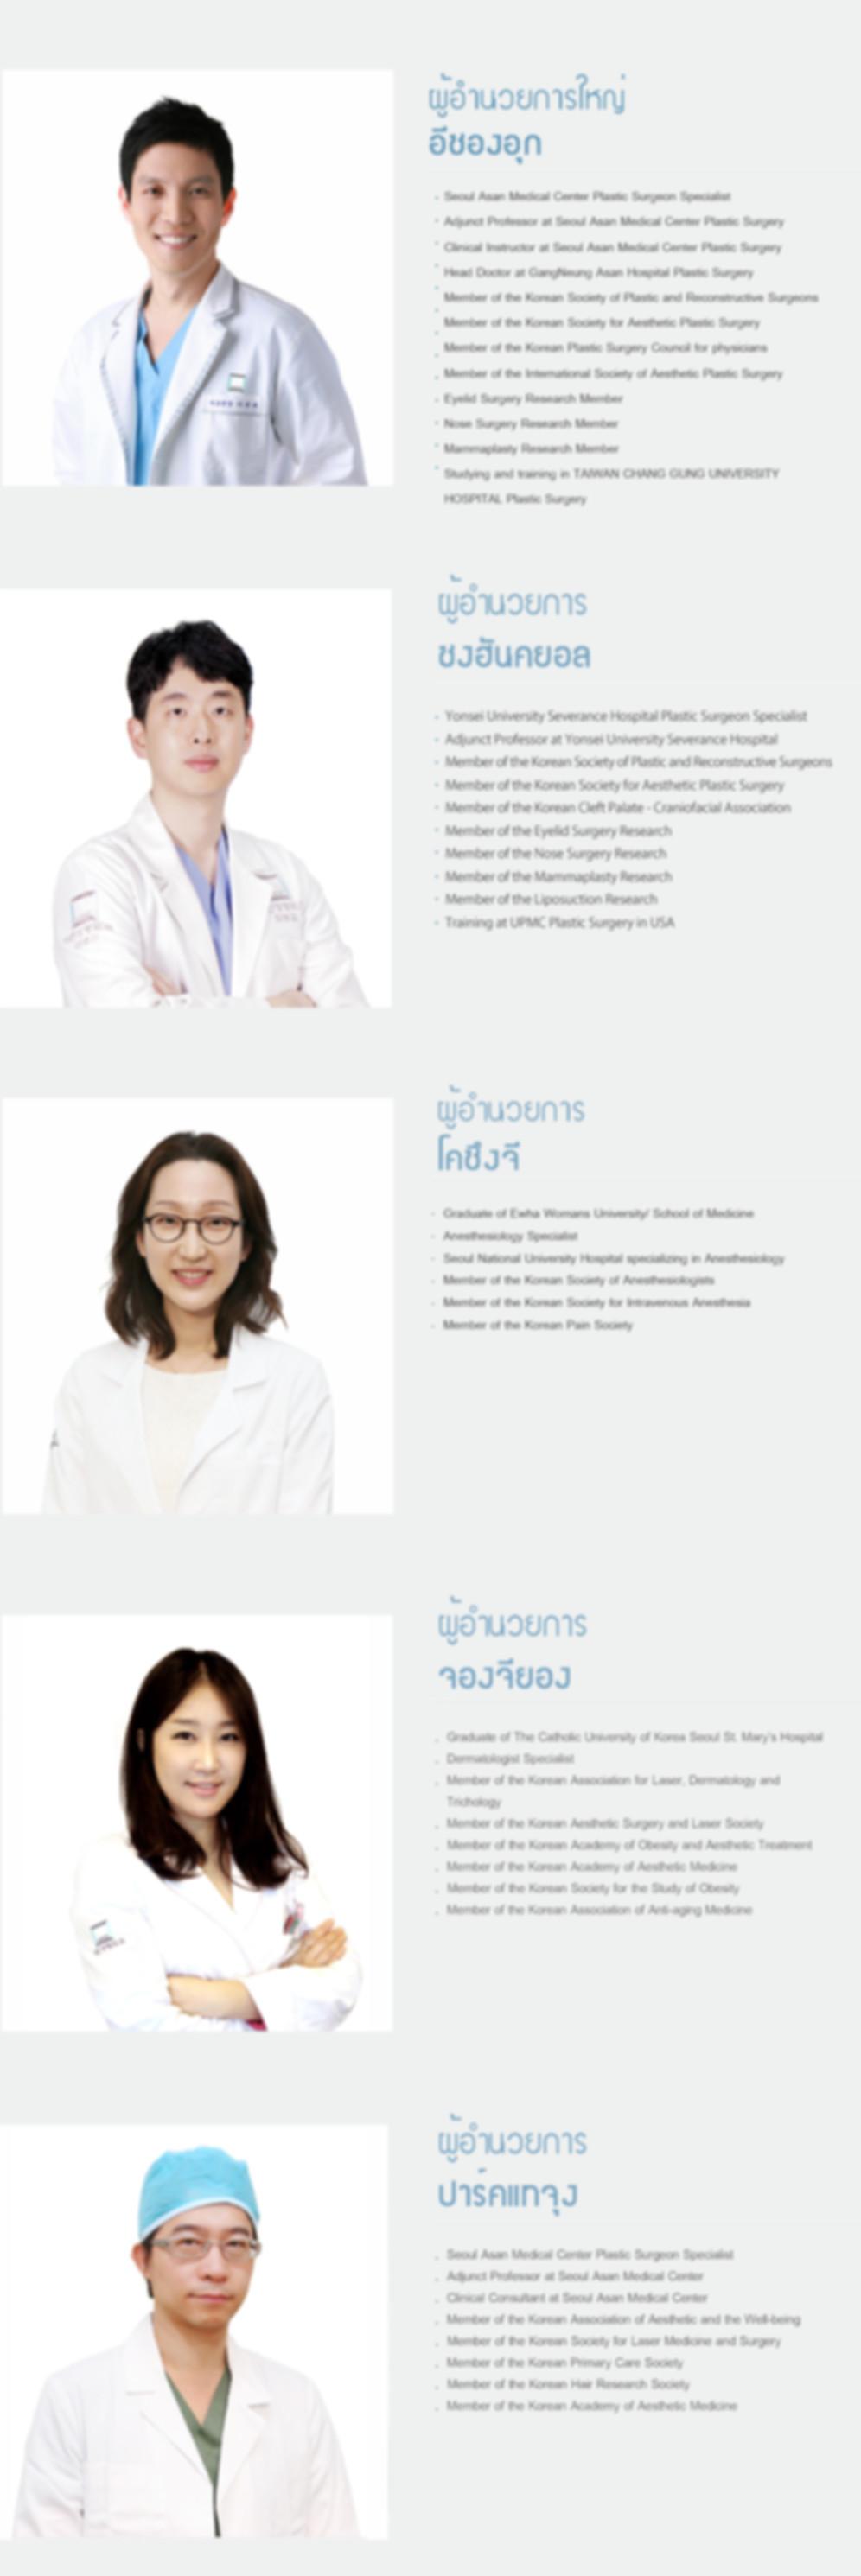 의료진소개_태국+(송한결).jpg